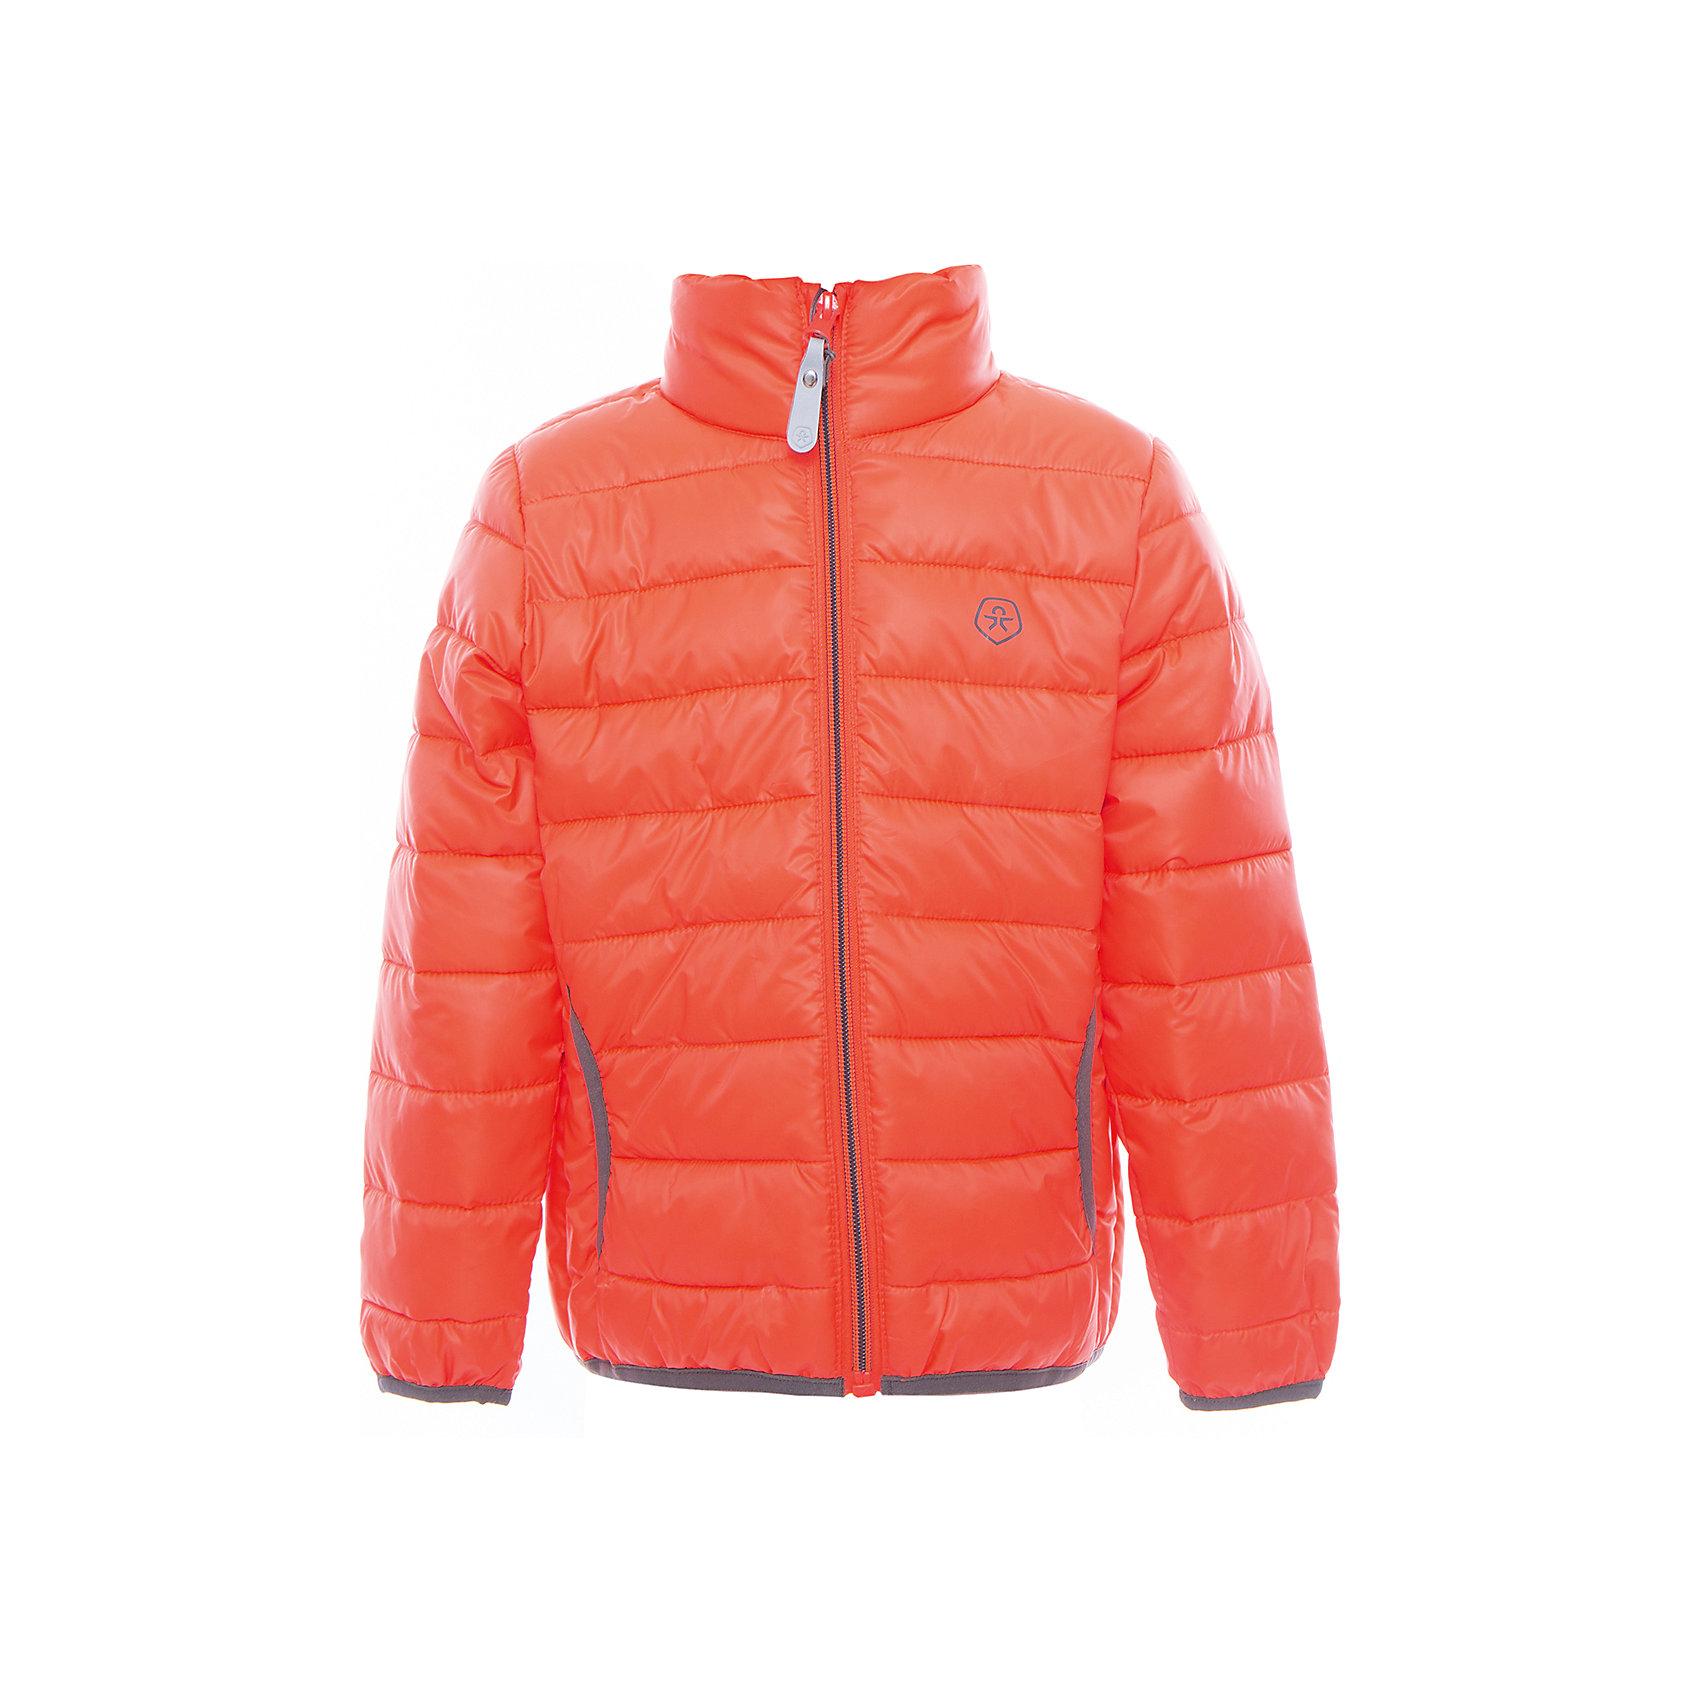 Куртка  Color KidsВерхняя одежда<br>Характеристики товара:<br><br>• цвет: оранжевый<br>• состав: 100 % полиэстер<br>• подкладка: 100 % полиэстер<br>• утеплитель: 160г/м синтепон<br>• температурный режим: от -5° С до +10°С<br>• светоотражающие детали<br>• застежка: молния<br>• защита подбородка<br>• два кармана<br>• логотип<br>• комфортная посадка<br>• страна бренда: Дания<br><br>Эта симпатичная и удобная куртка отлично подойдет для ношения в межсезонье. Она комфортно сидит и обеспечивает ребенку необходимое удобство. Очень стильно смотрится.<br><br>Куртку от датского бренда Color Kids (Колор кидз) можно купить в нашем интернет-магазине.<br><br>Ширина мм: 356<br>Глубина мм: 10<br>Высота мм: 245<br>Вес г: 519<br>Цвет: розовый<br>Возраст от месяцев: 36<br>Возраст до месяцев: 48<br>Пол: Унисекс<br>Возраст: Детский<br>Размер: 104,98,110,116,122,128,140,152,92<br>SKU: 5443156